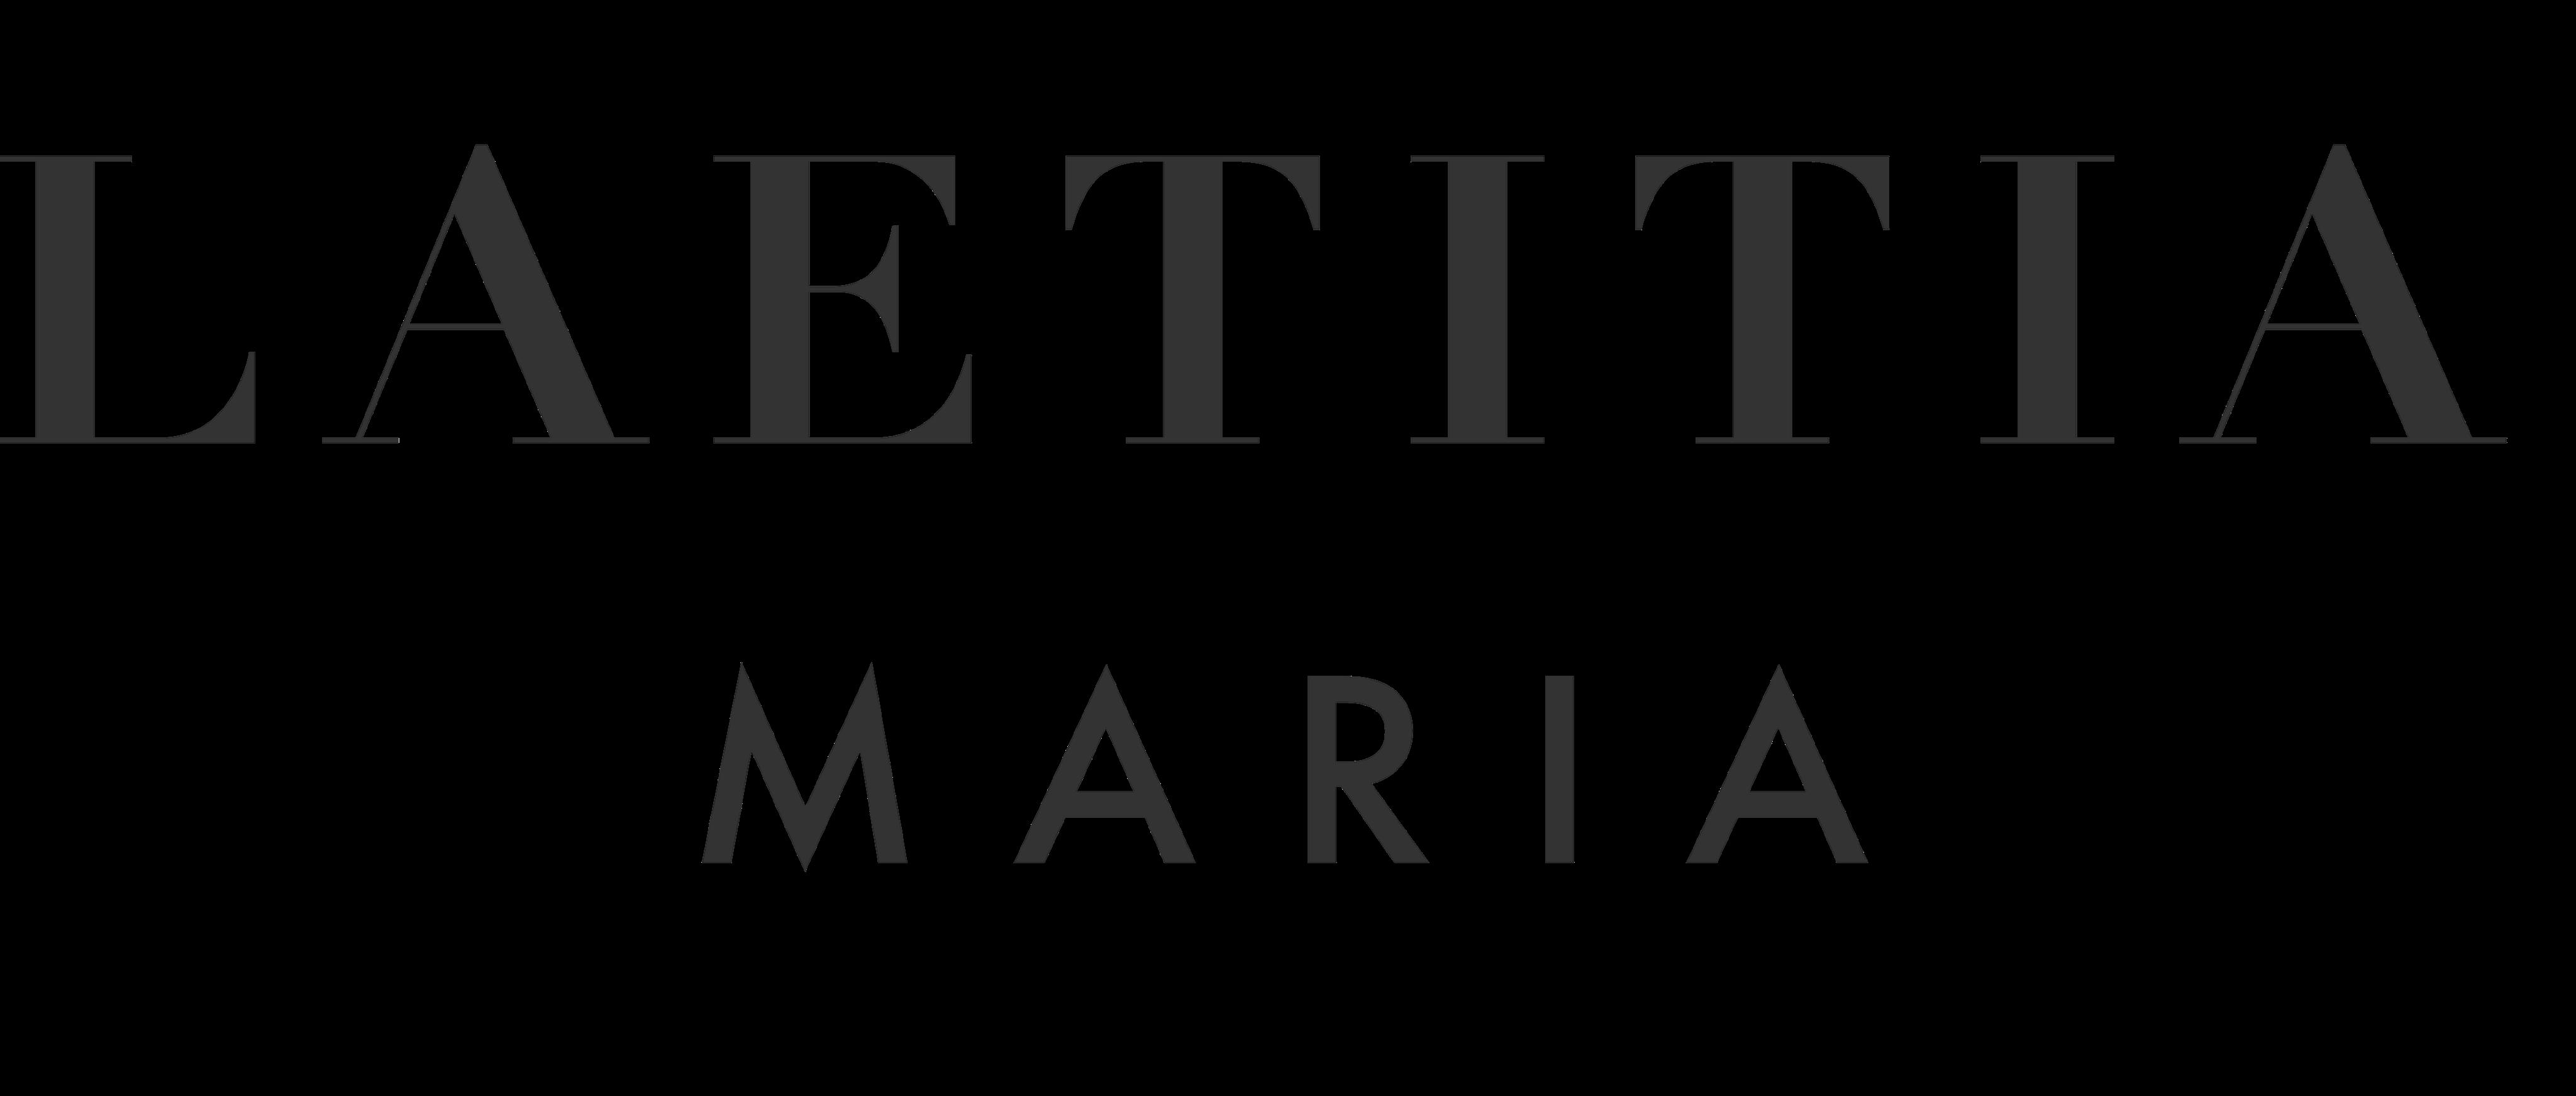 Laetitia Maria